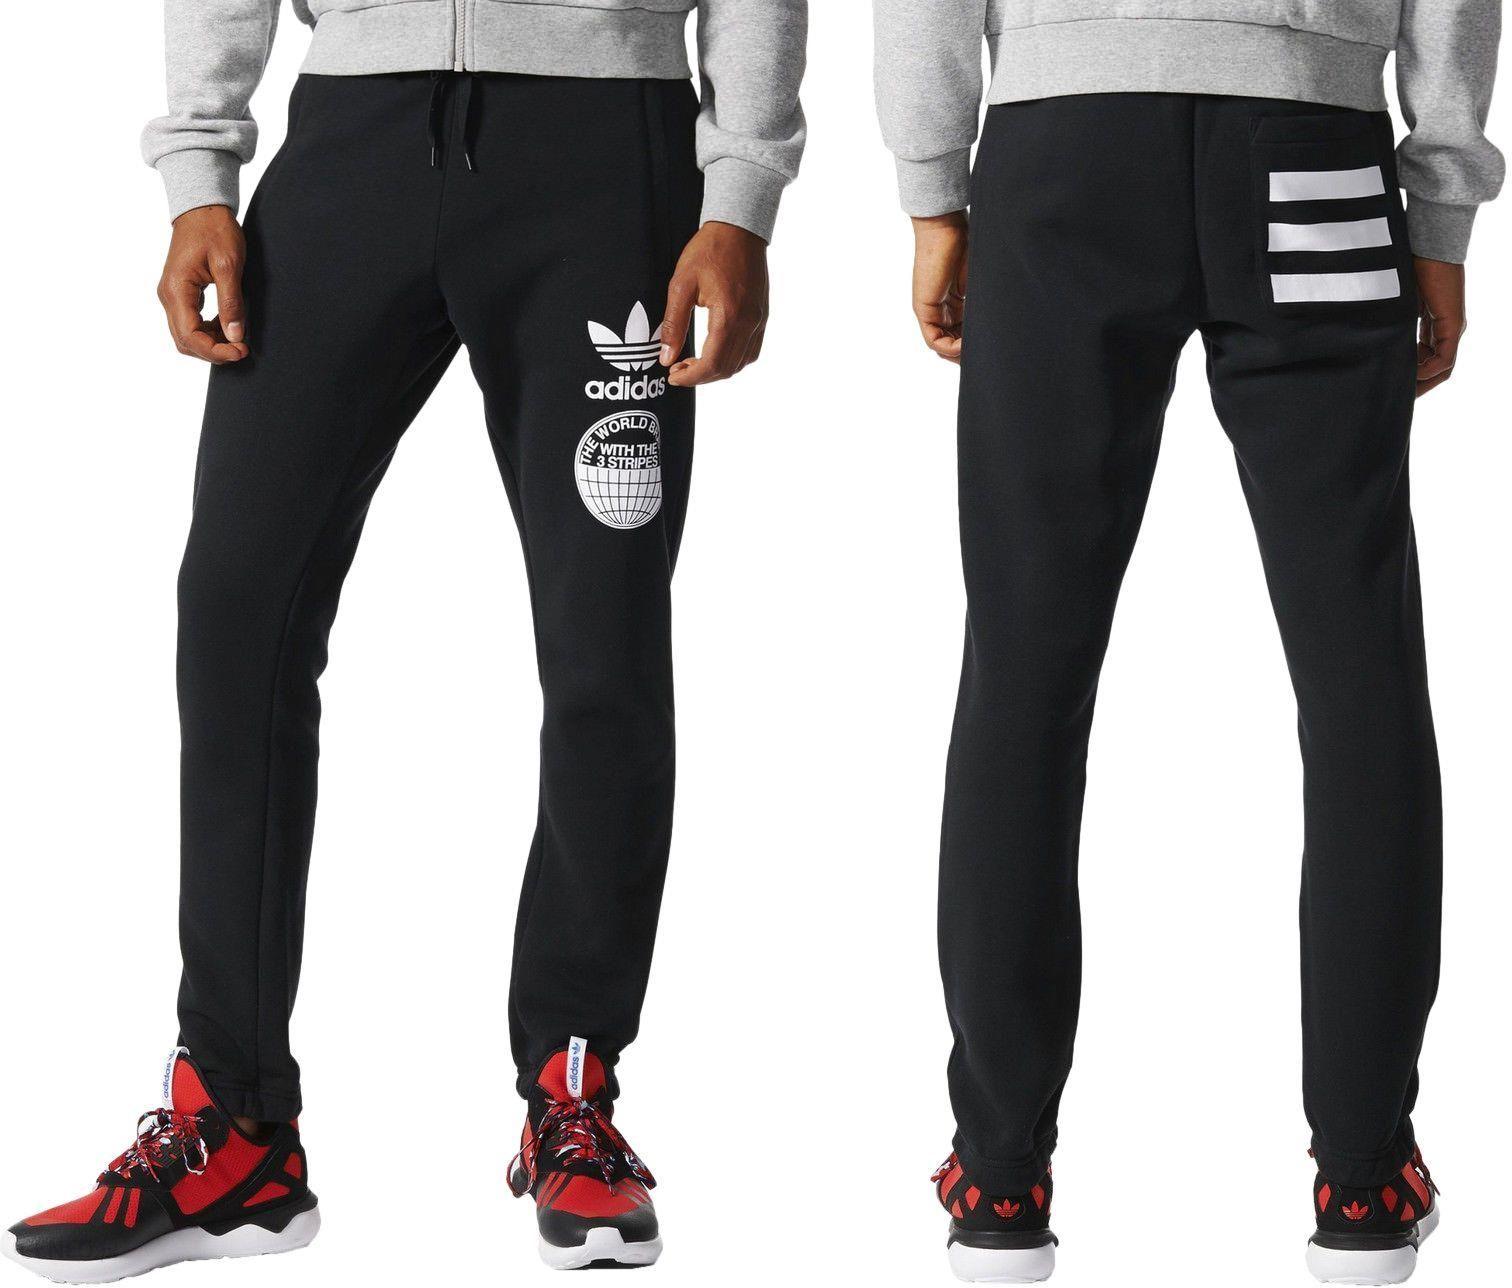 sportowa odzież sportowa buty jesienne najlepsza moda Adidas Originals Spodnie Dresowe Dresy Męskie Xs - Ceny i opinie - Ceneo.pl